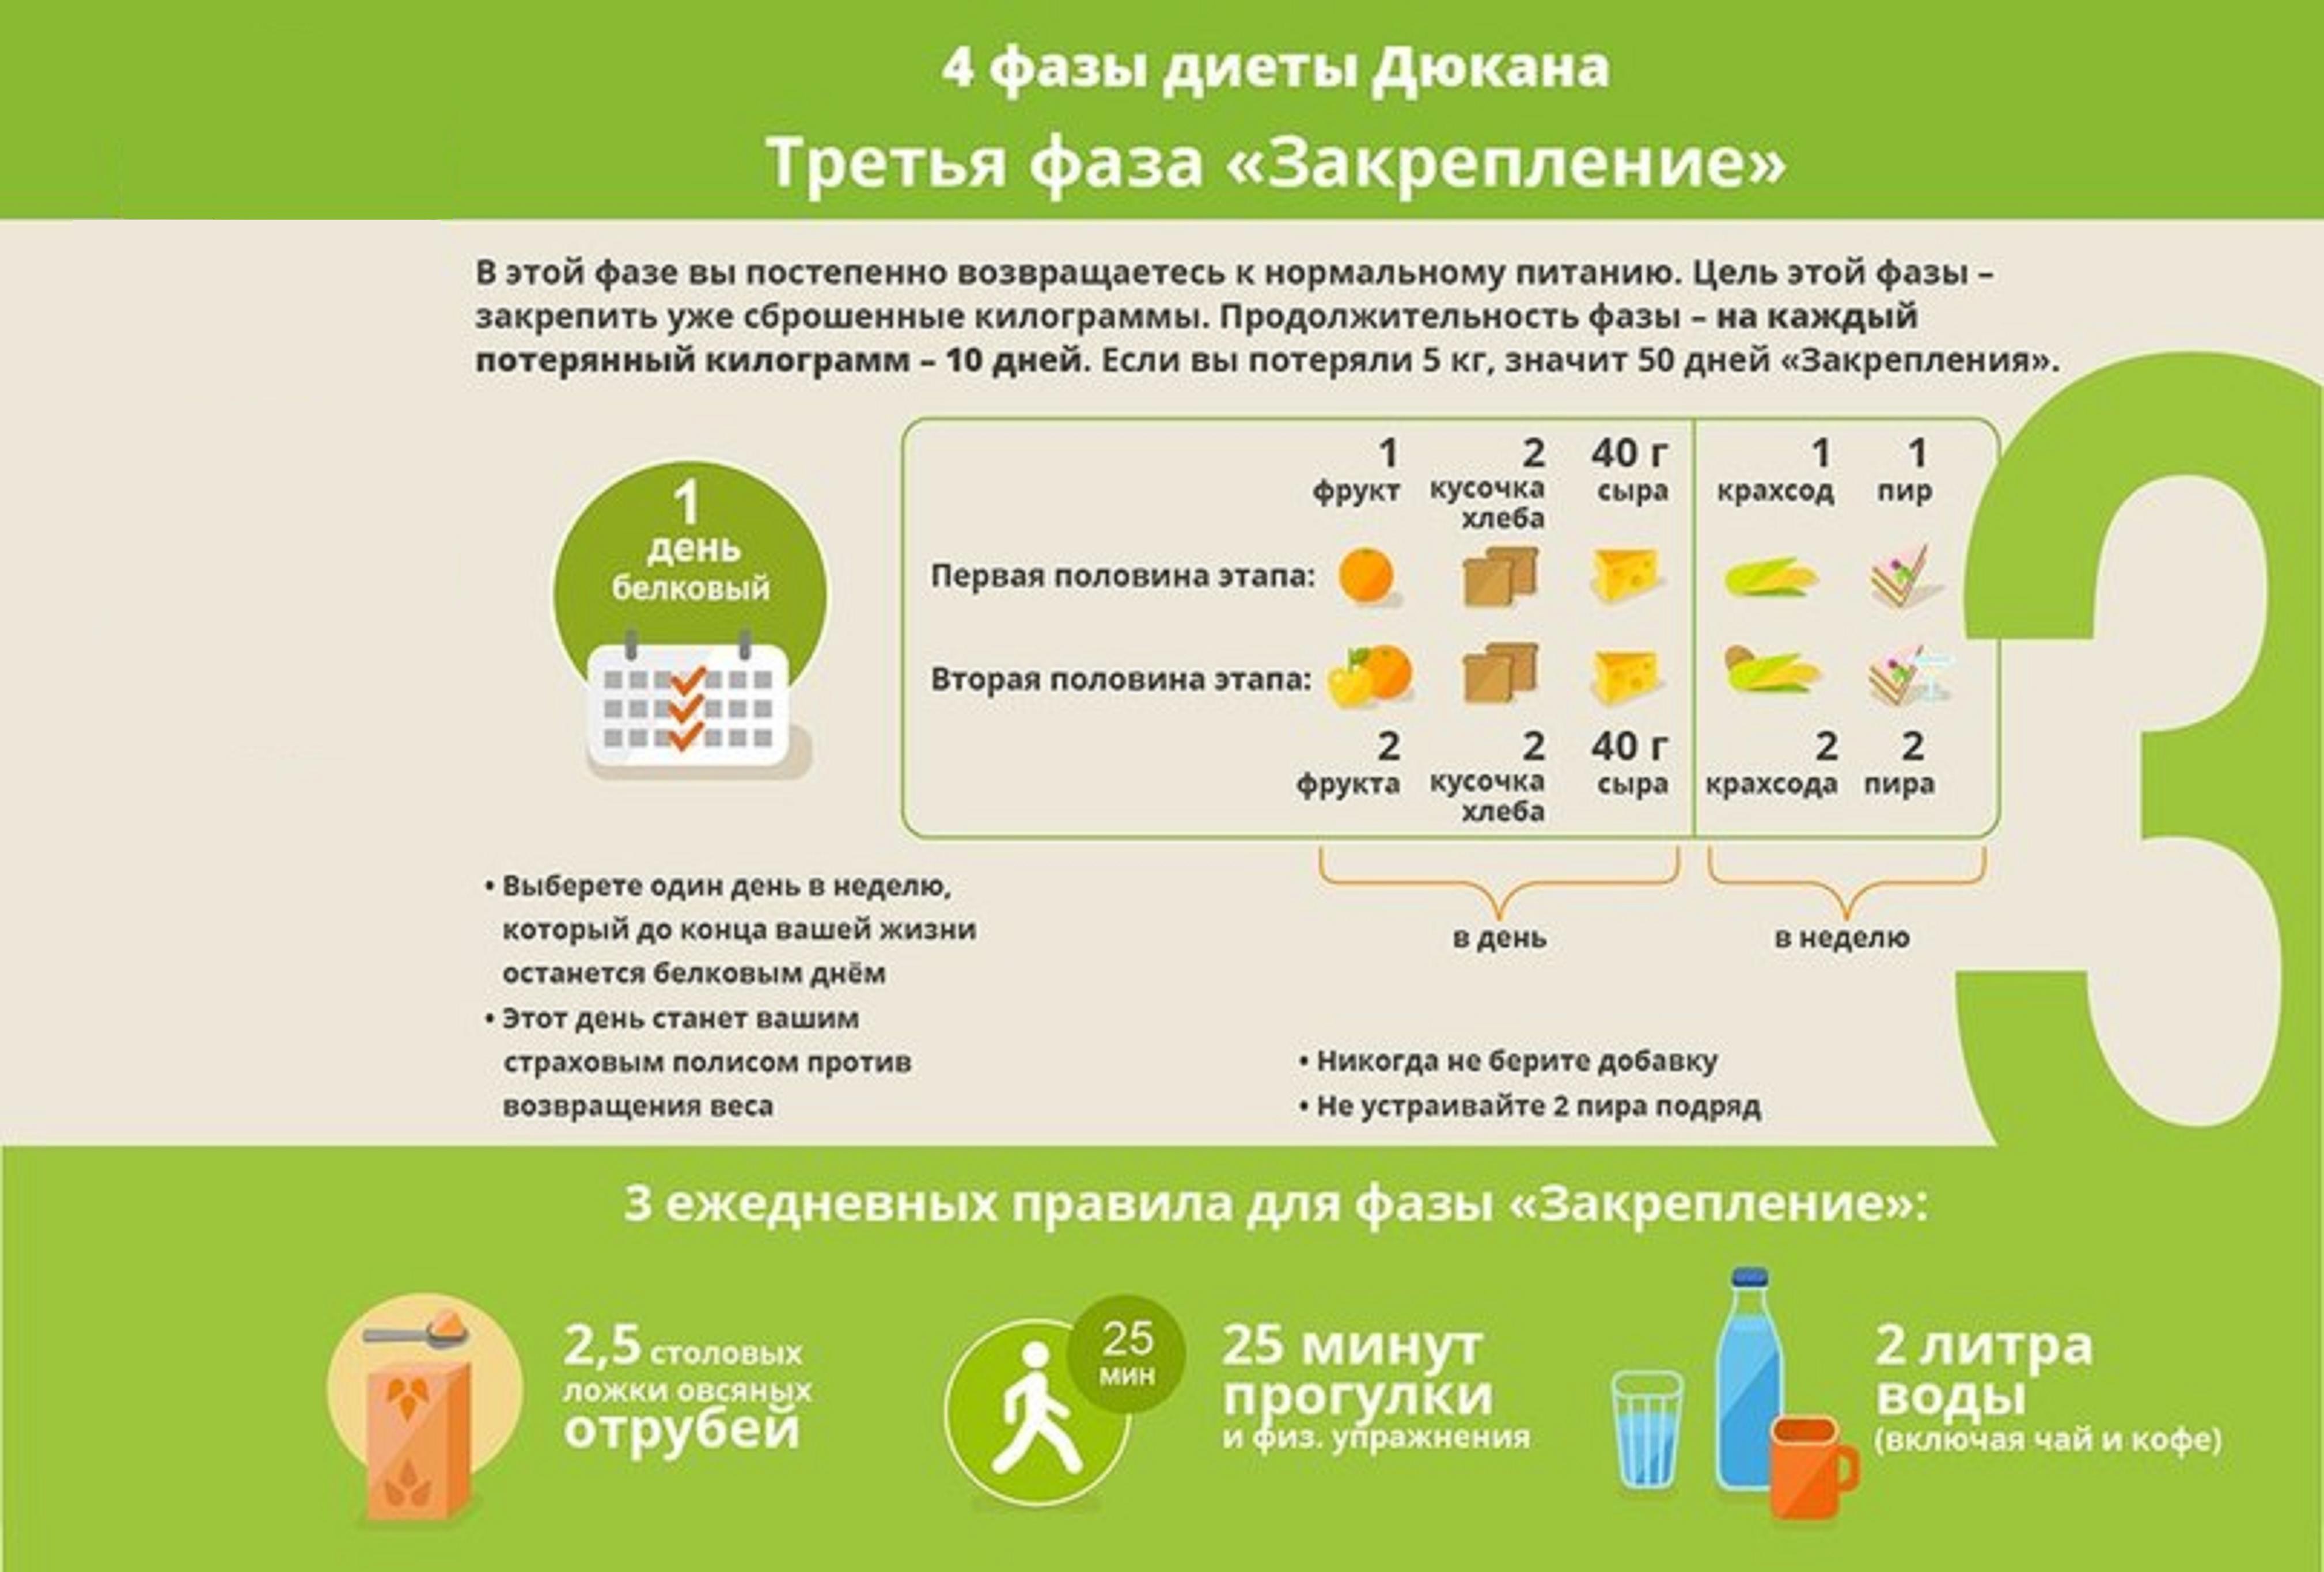 продукты для диеты дюкана купить в уфе